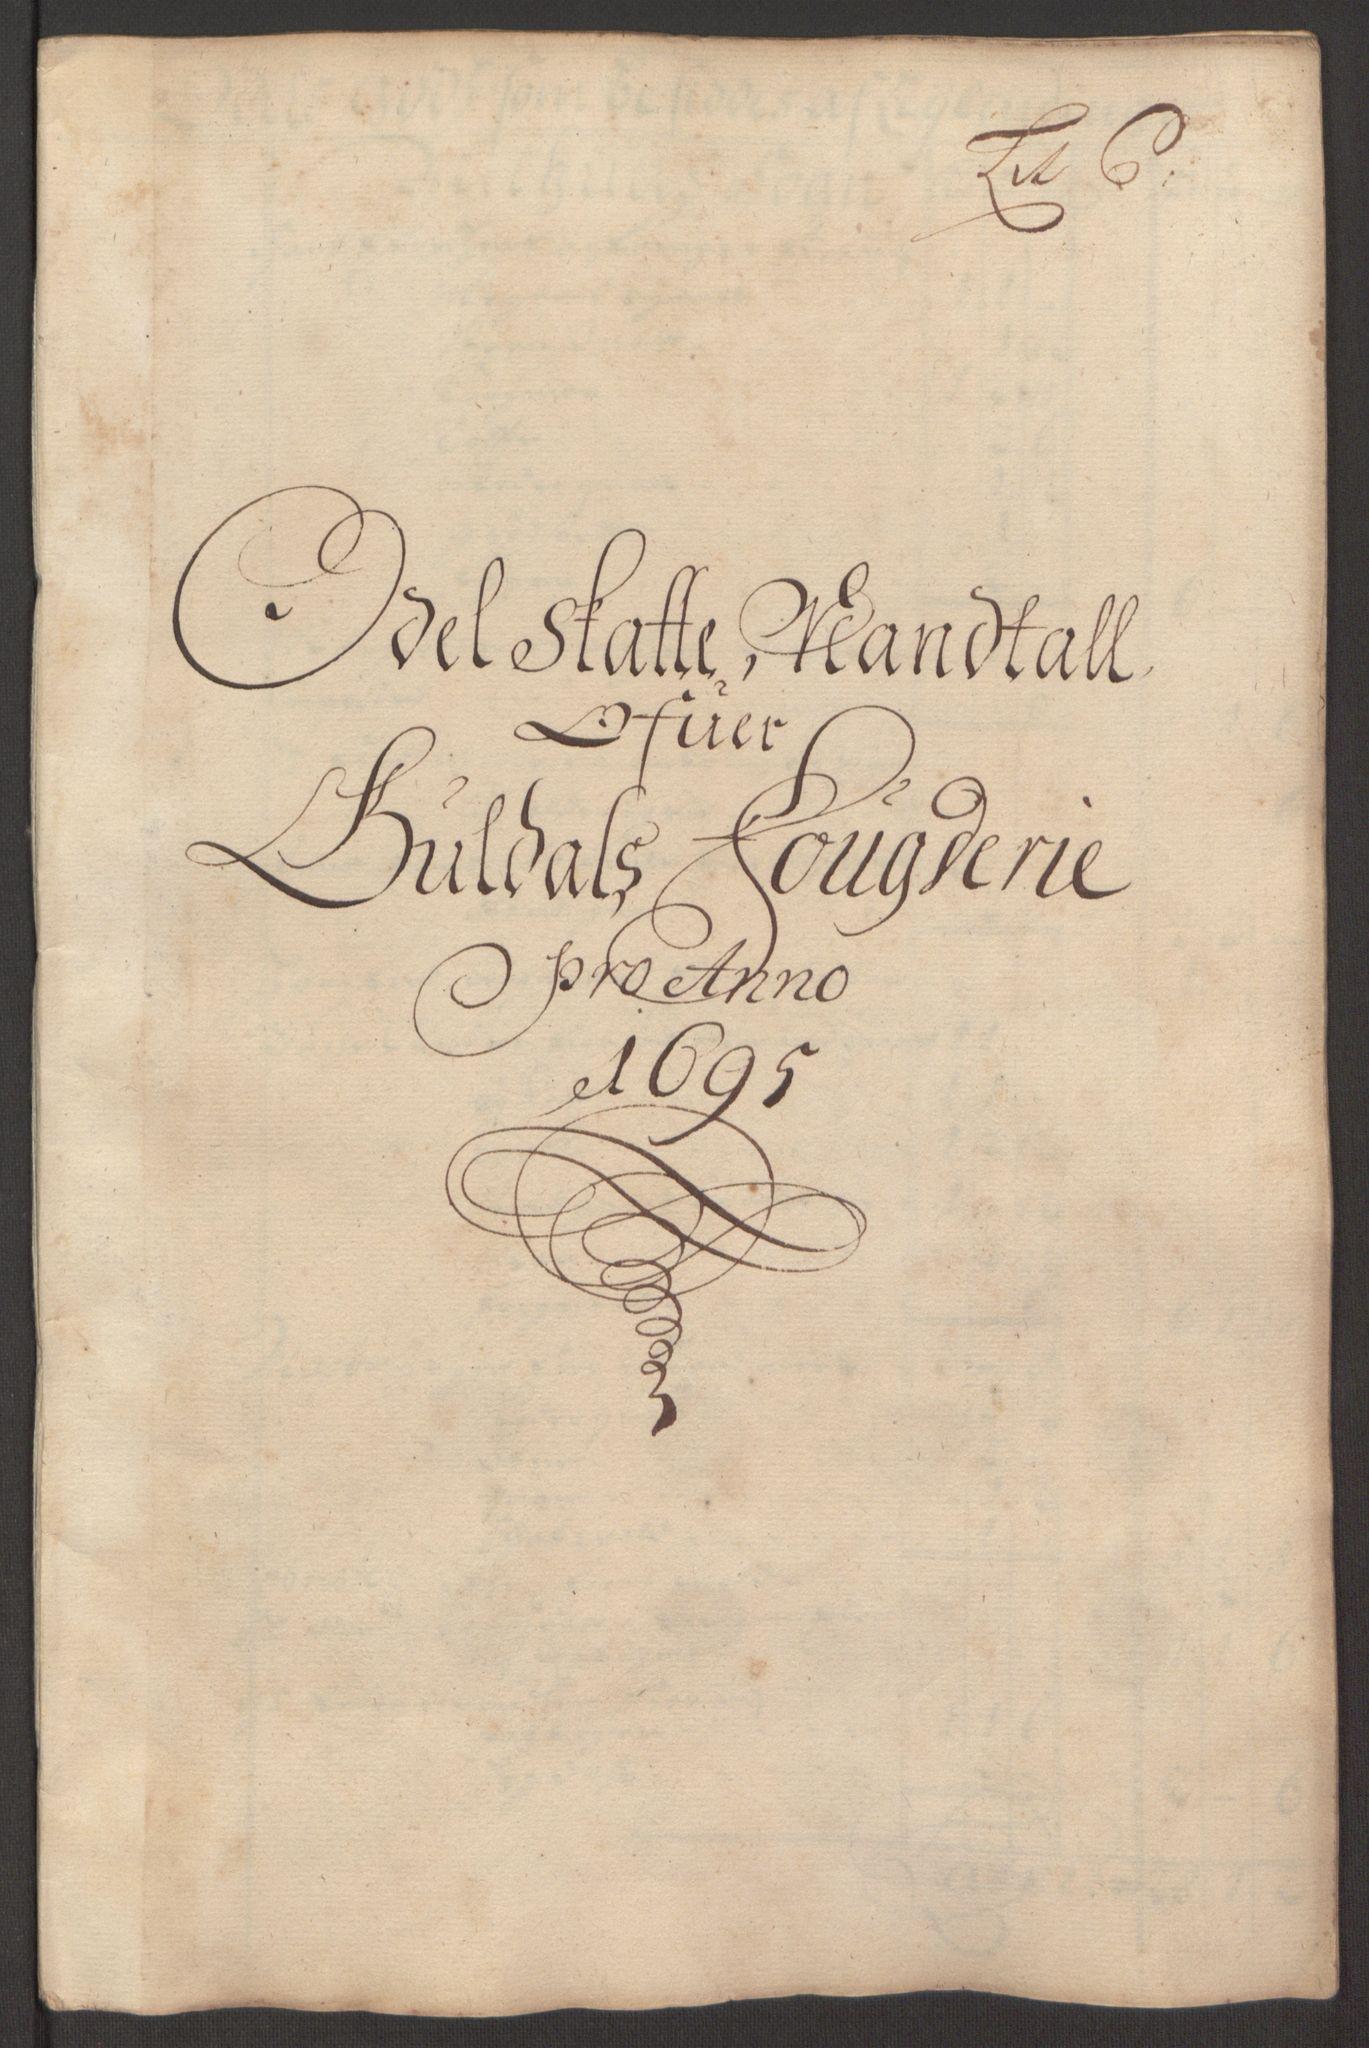 RA, Rentekammeret inntil 1814, Reviderte regnskaper, Fogderegnskap, R60/L3945: Fogderegnskap Orkdal og Gauldal, 1695, s. 317